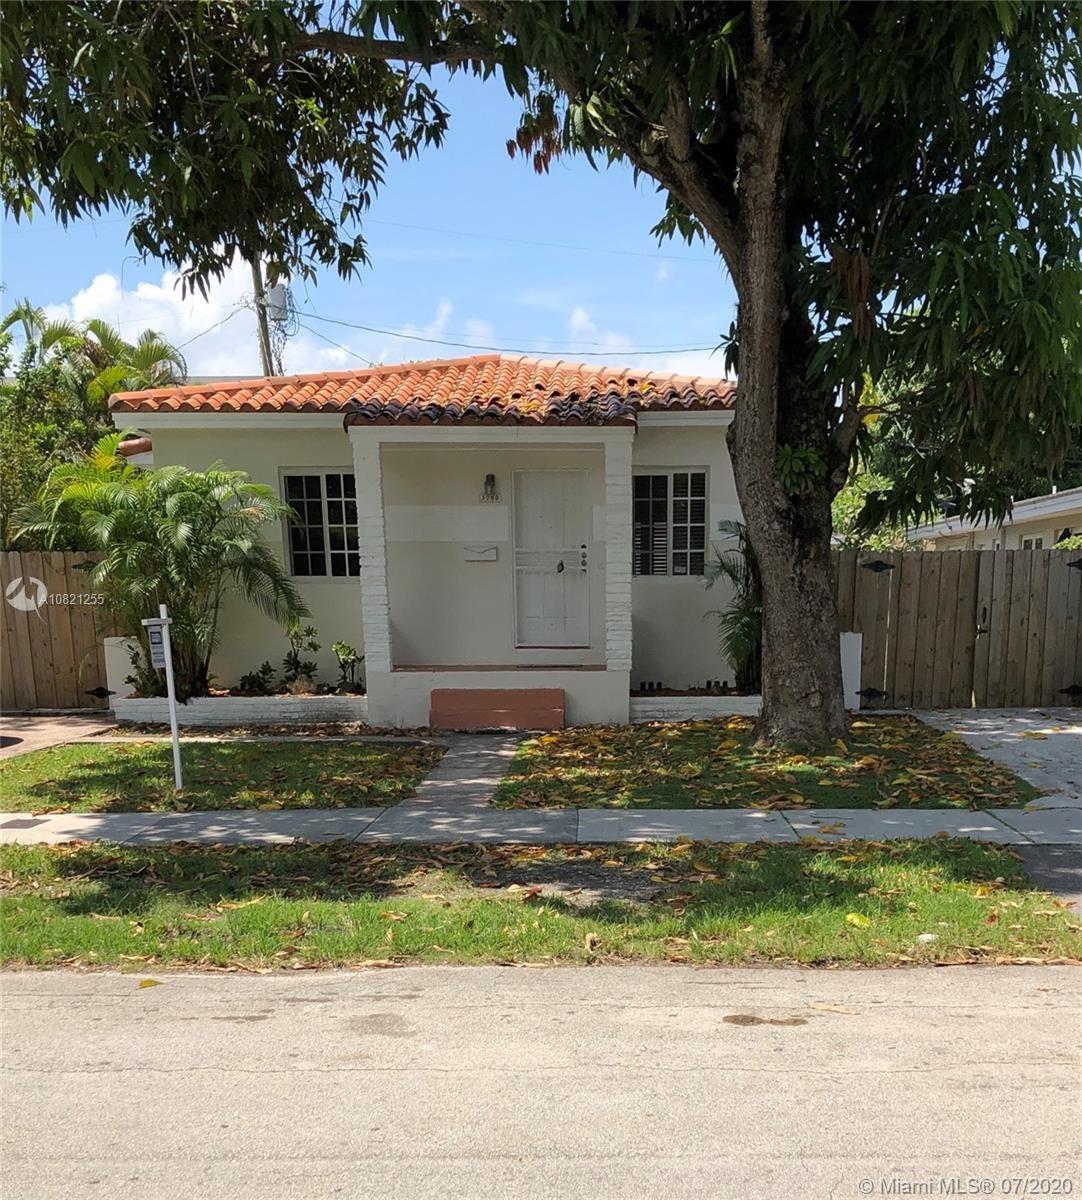 3780 SW 27th Ter, Miami, FL 33134 - #: A10821255